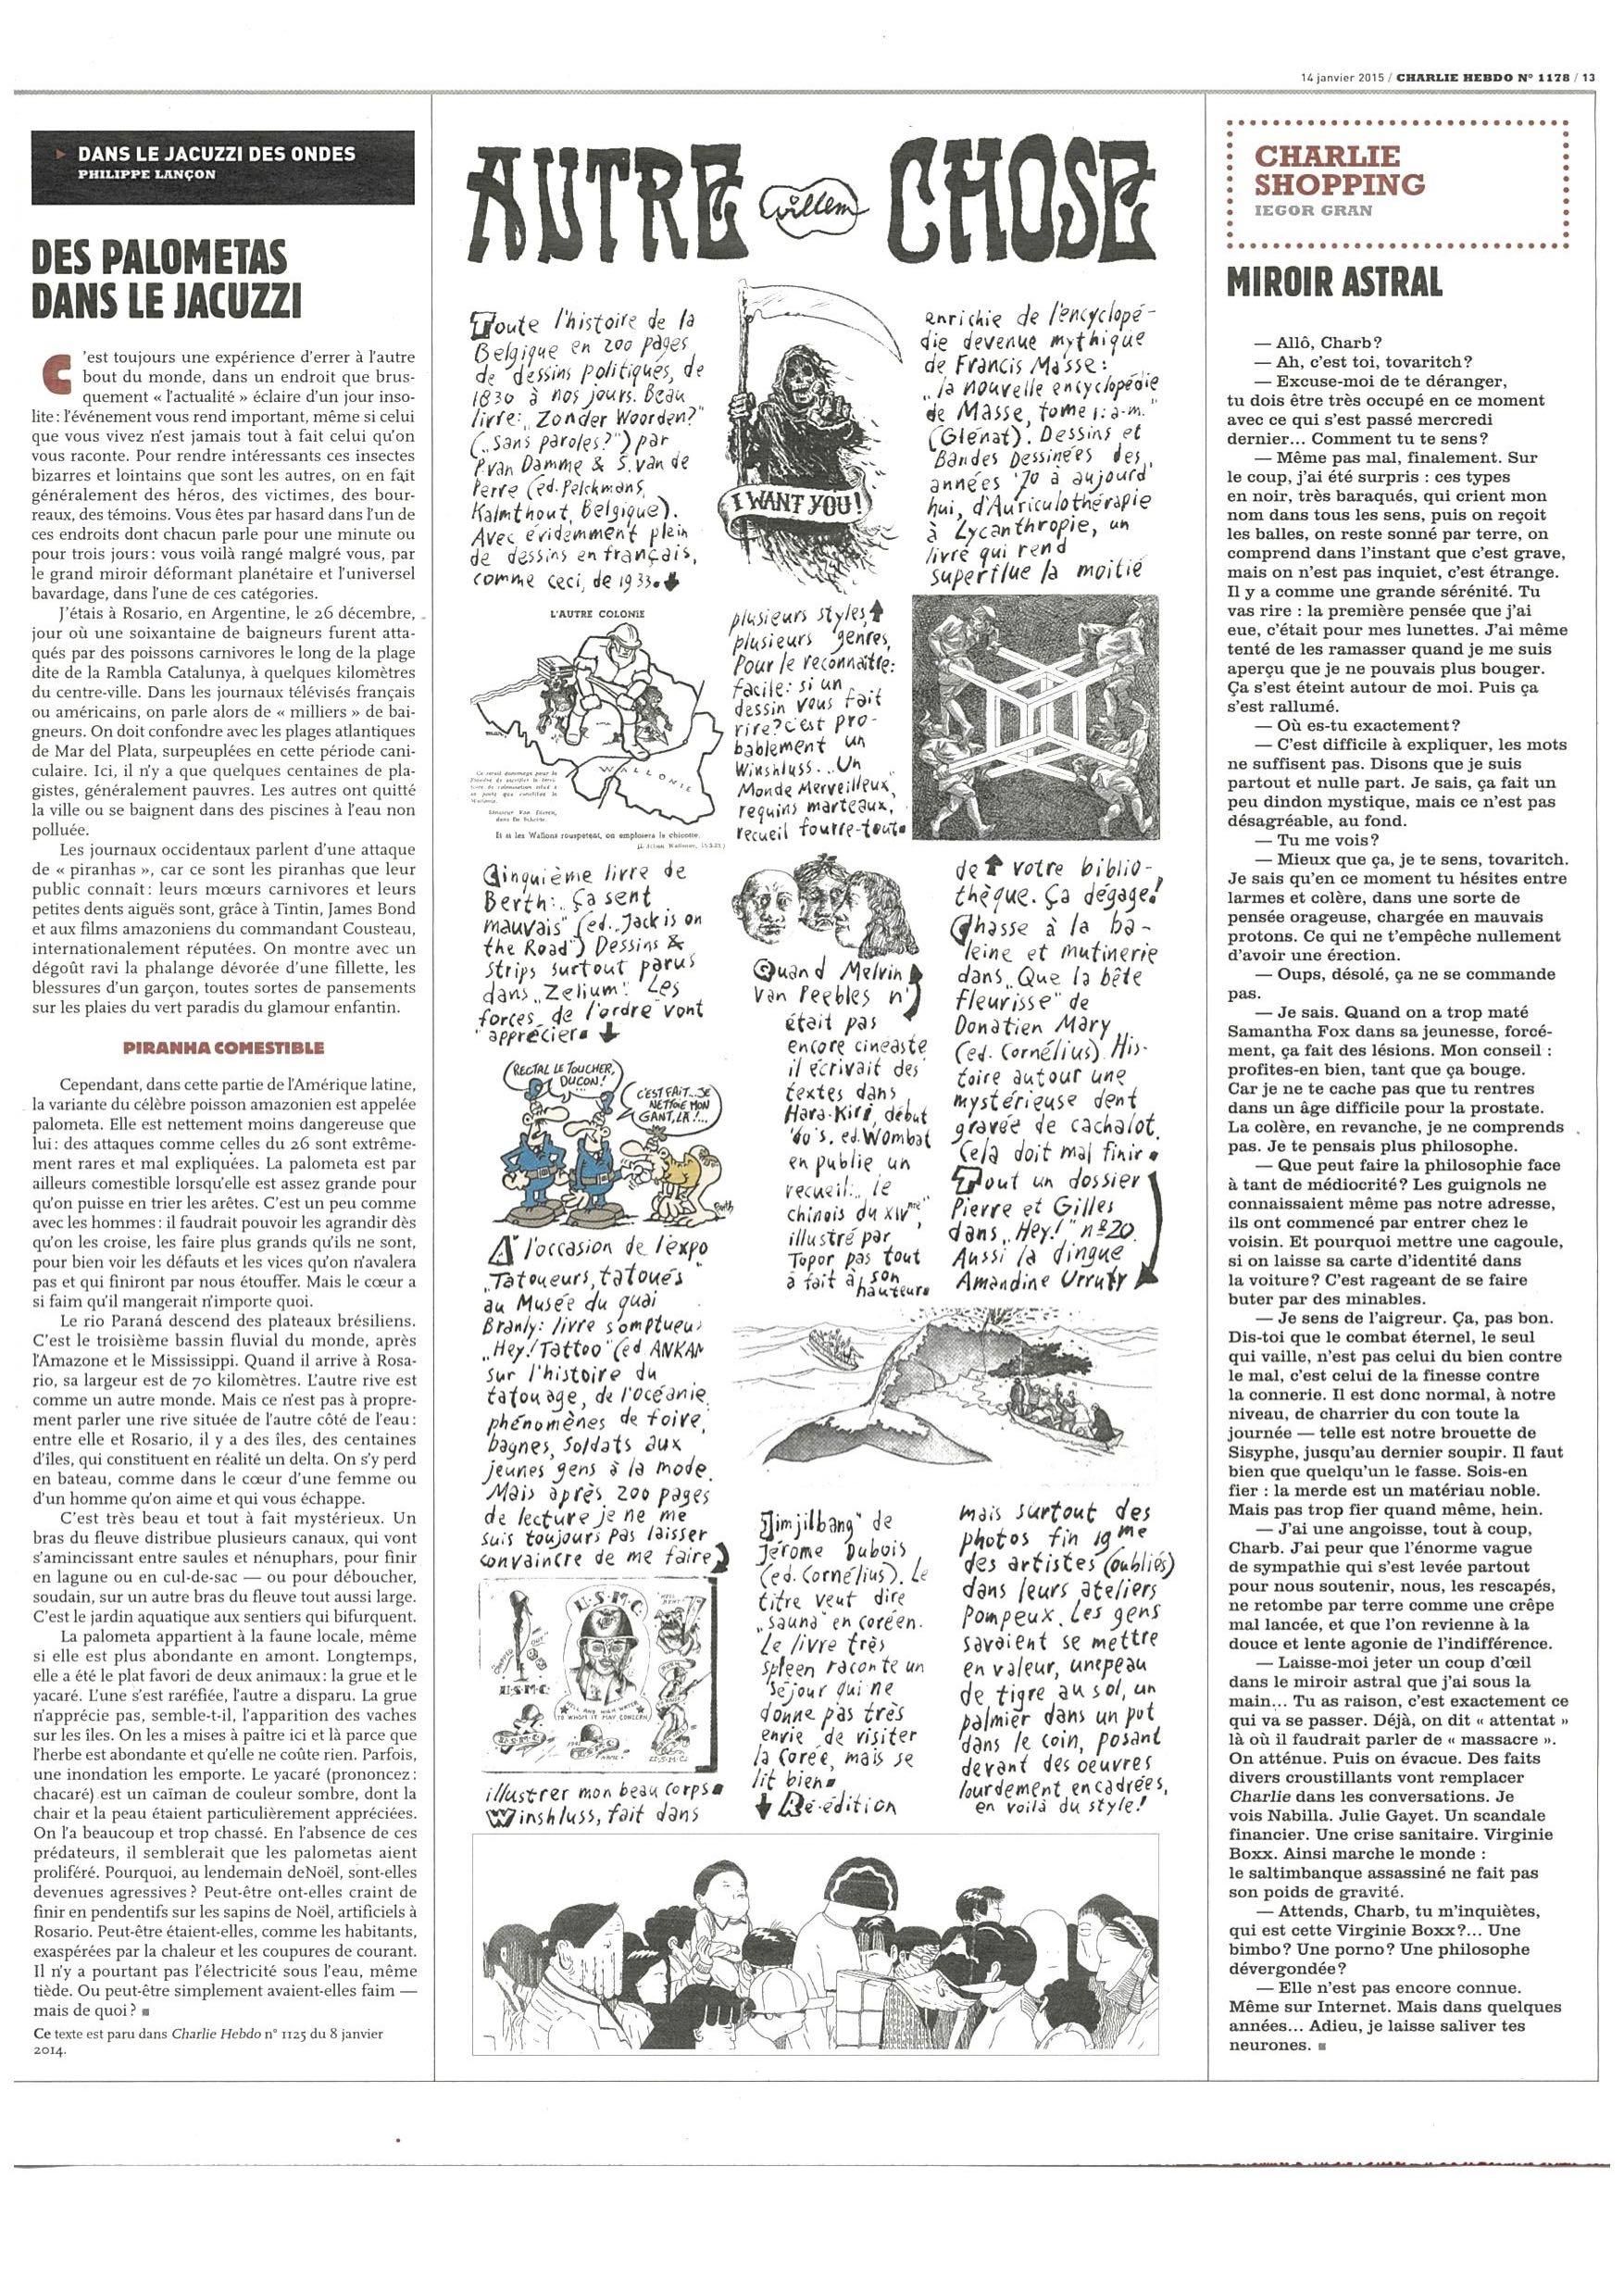 Charlie Hebdo #1178 Page 13